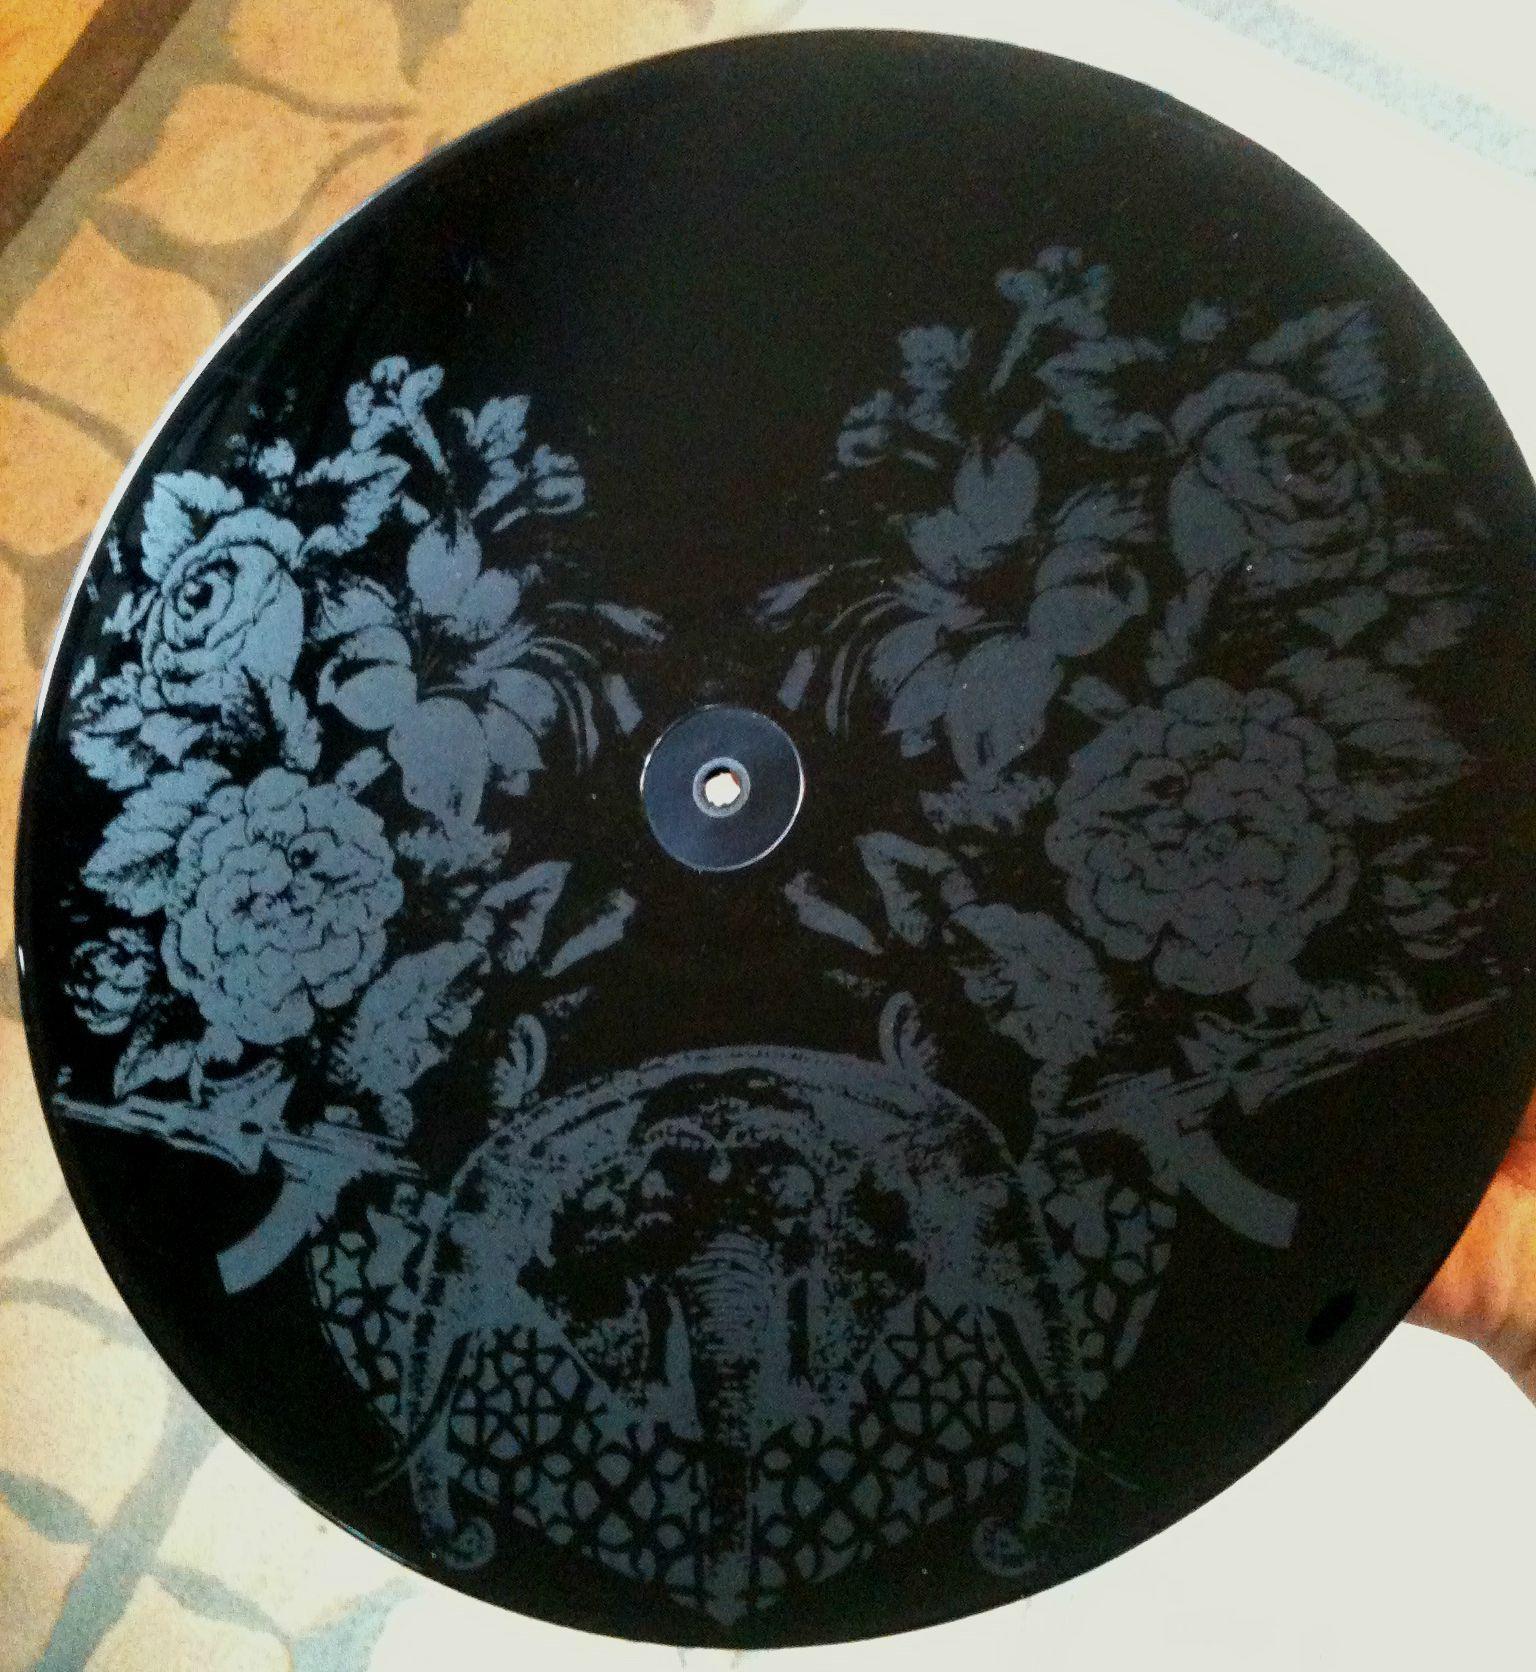 The Most Beautiful Etching I Have Seen Deer Tick War Elephant War Elephant Deer Ticks Vinyl